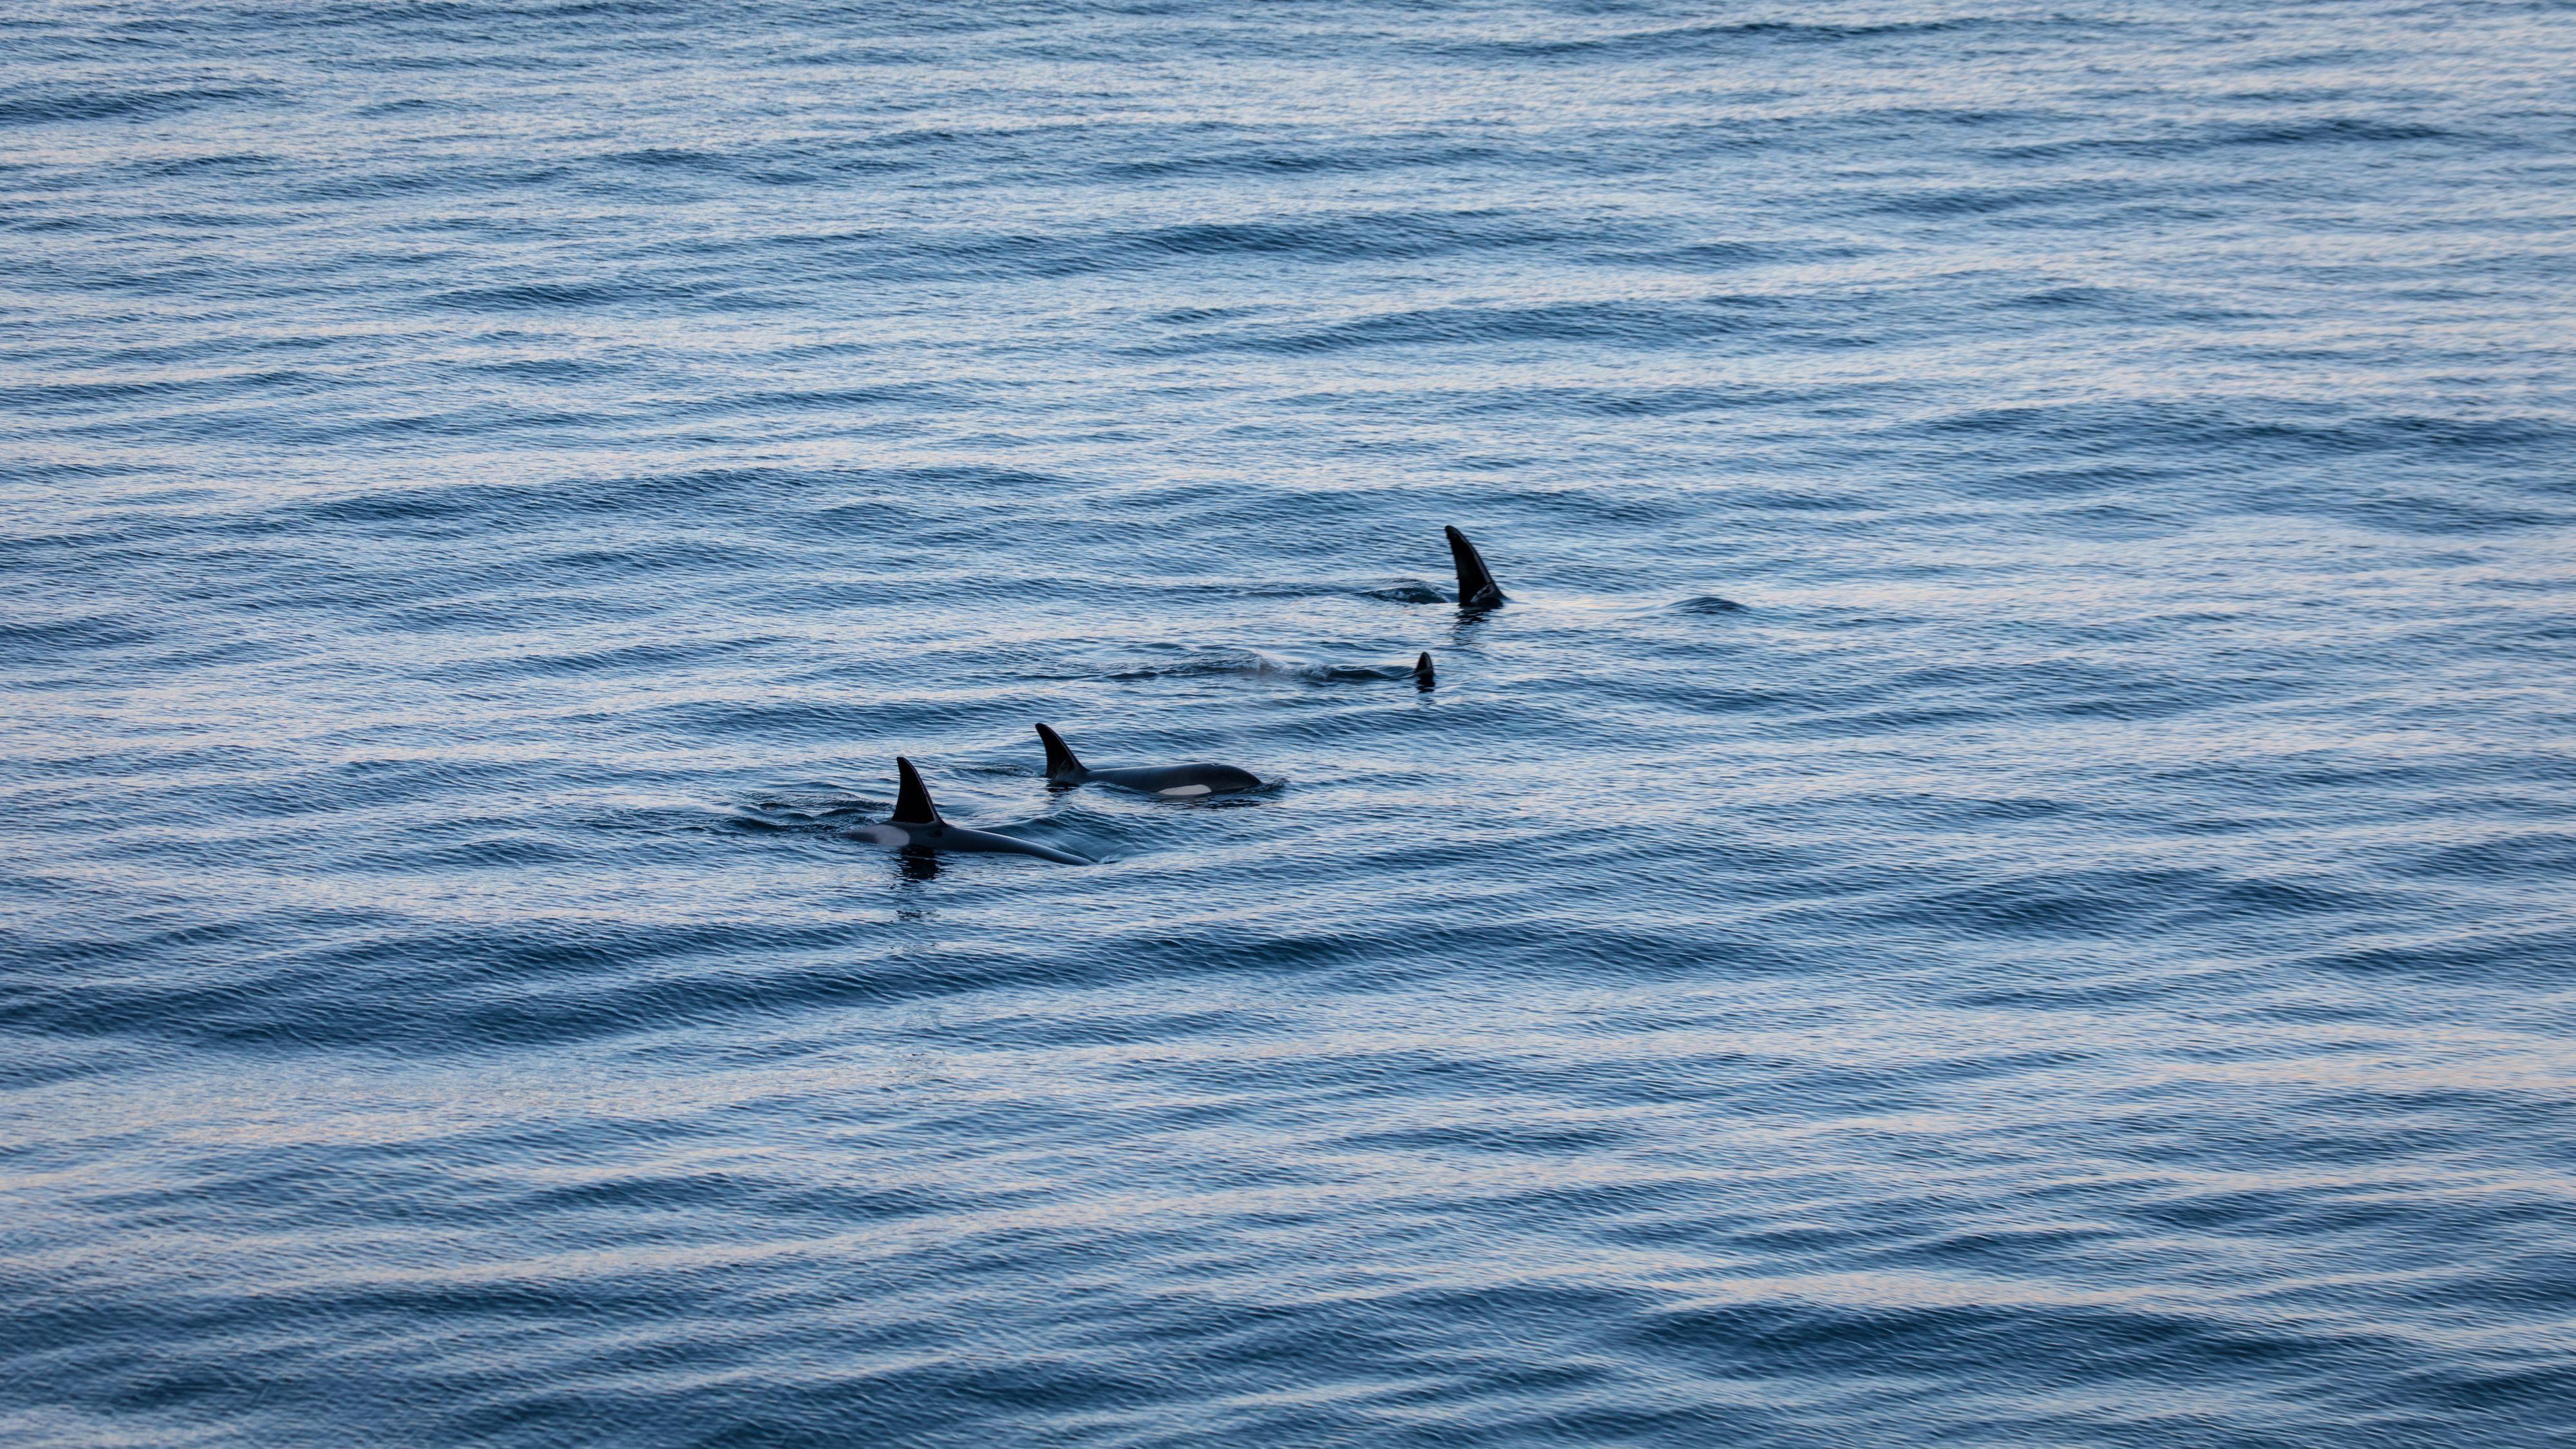 Dyrene følger landet bortover på jakt etter sild, men ifølge en turguide jeg snakker med senere svømmer de sjelden inn i fjordene på grunn av at de da gjerne blir fulgt etter av folk i båt. 1/200s - f/5.0 - ISO 200. Behandlet fra råformat.